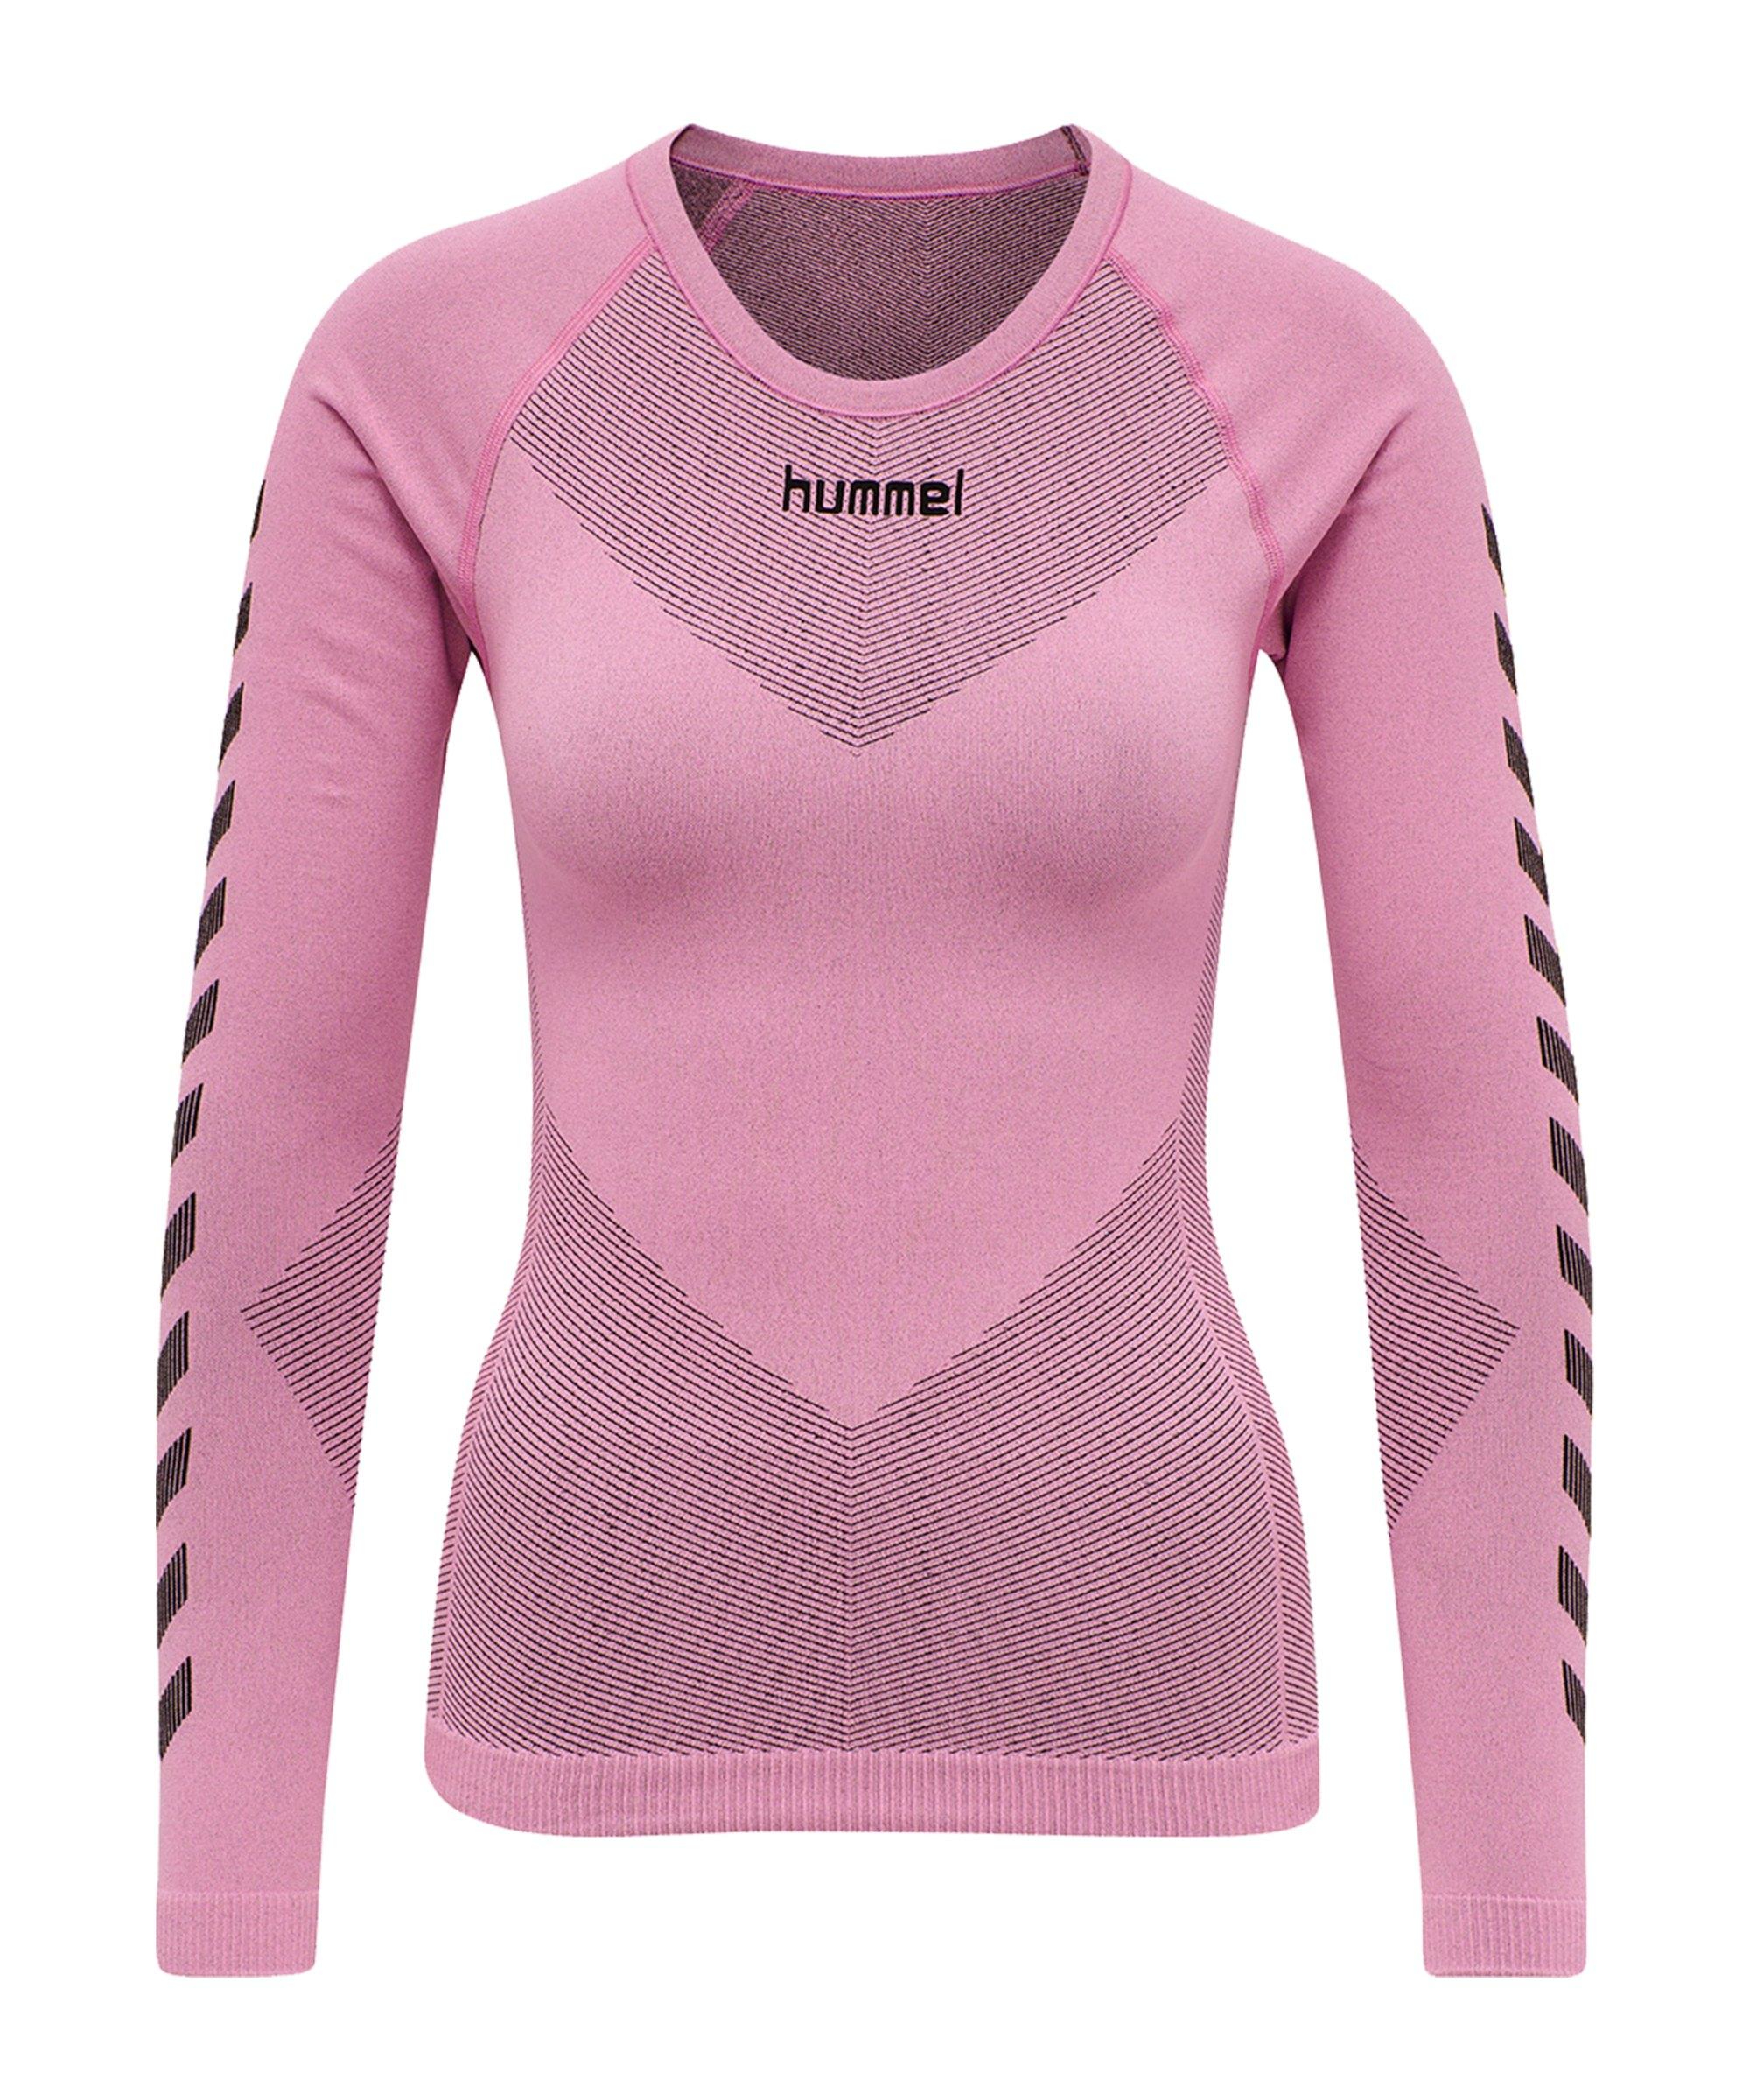 Hummel First Seamless Longsleeve Damen Pink F3257 - pink